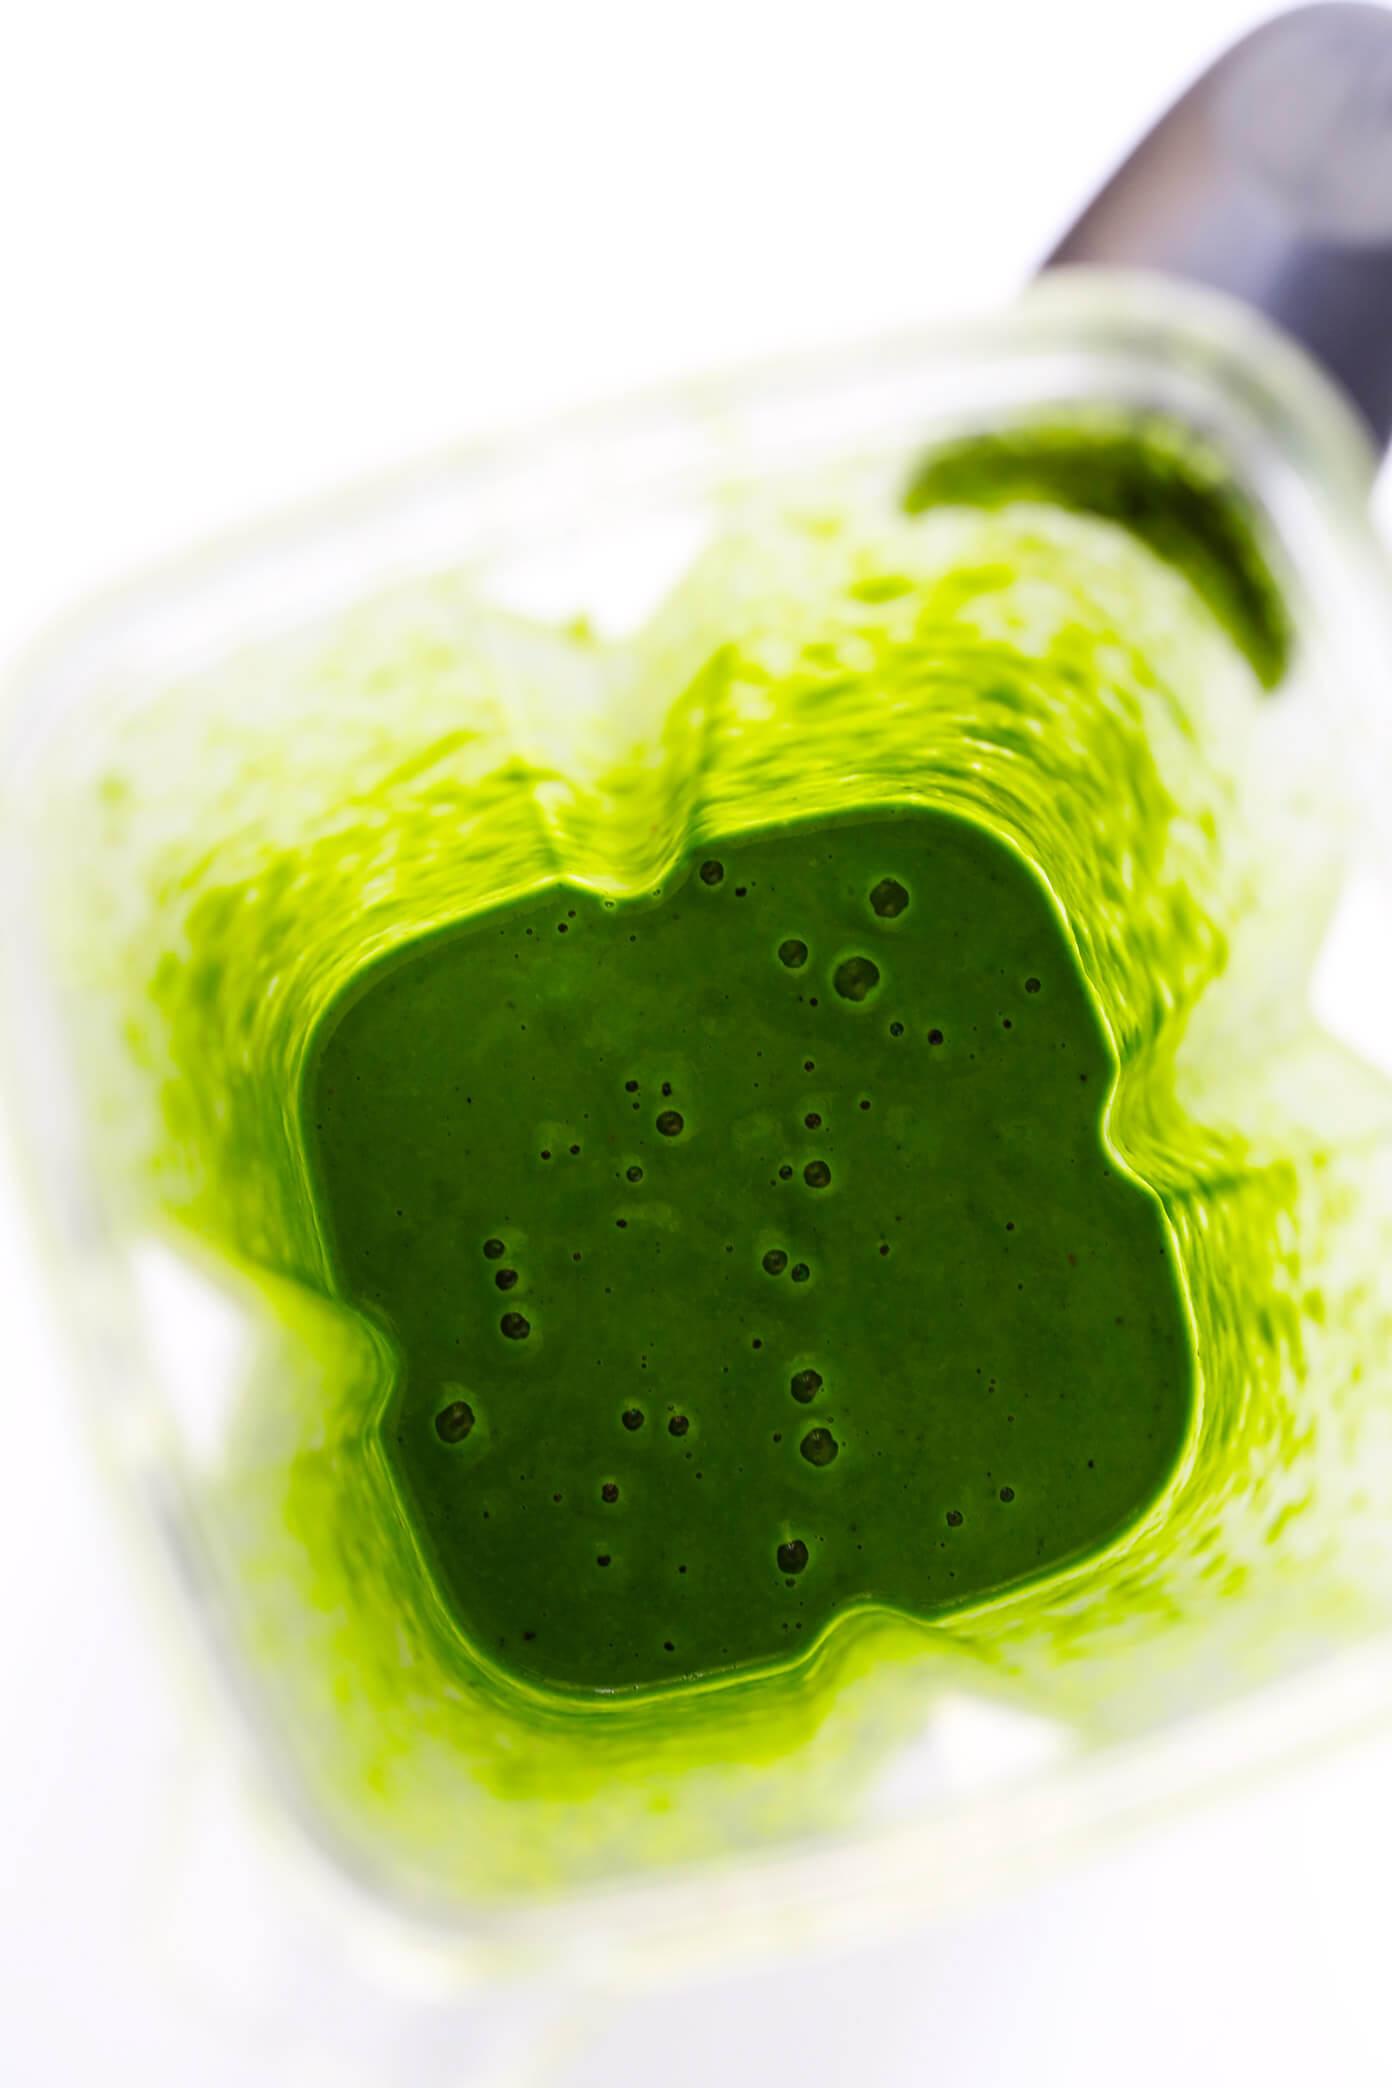 How To Make Basil Vinaigrette In A Blender